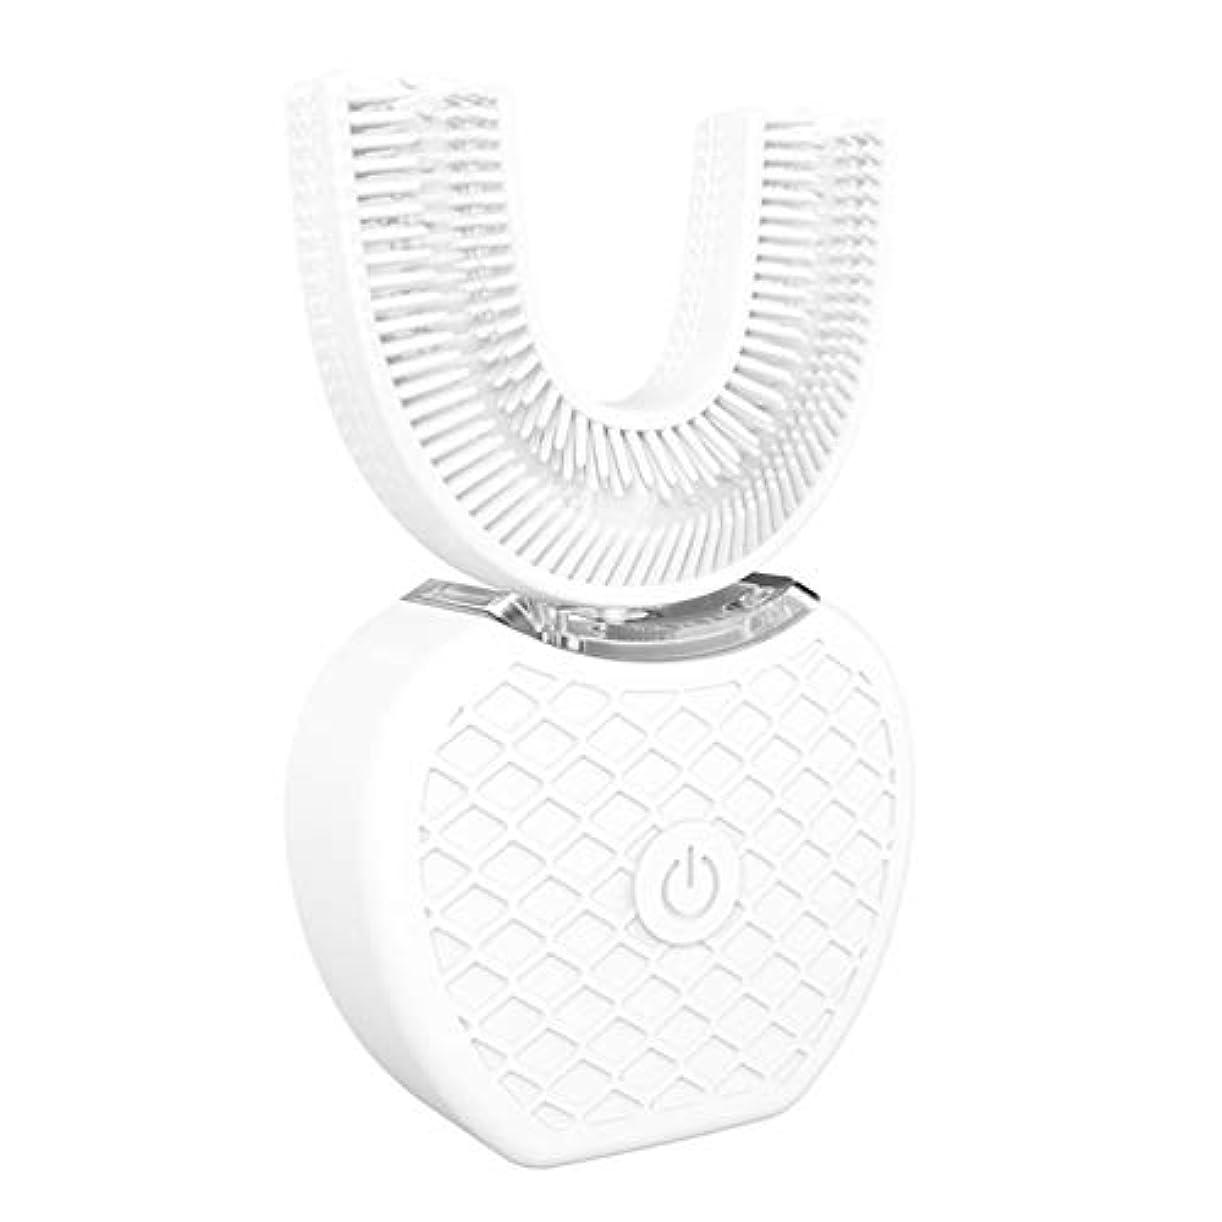 リスキーな抽選帝国主義360°ワイヤレス充電怠惰な自動ソニックシリコーン電動歯ブラシ - ホワイト